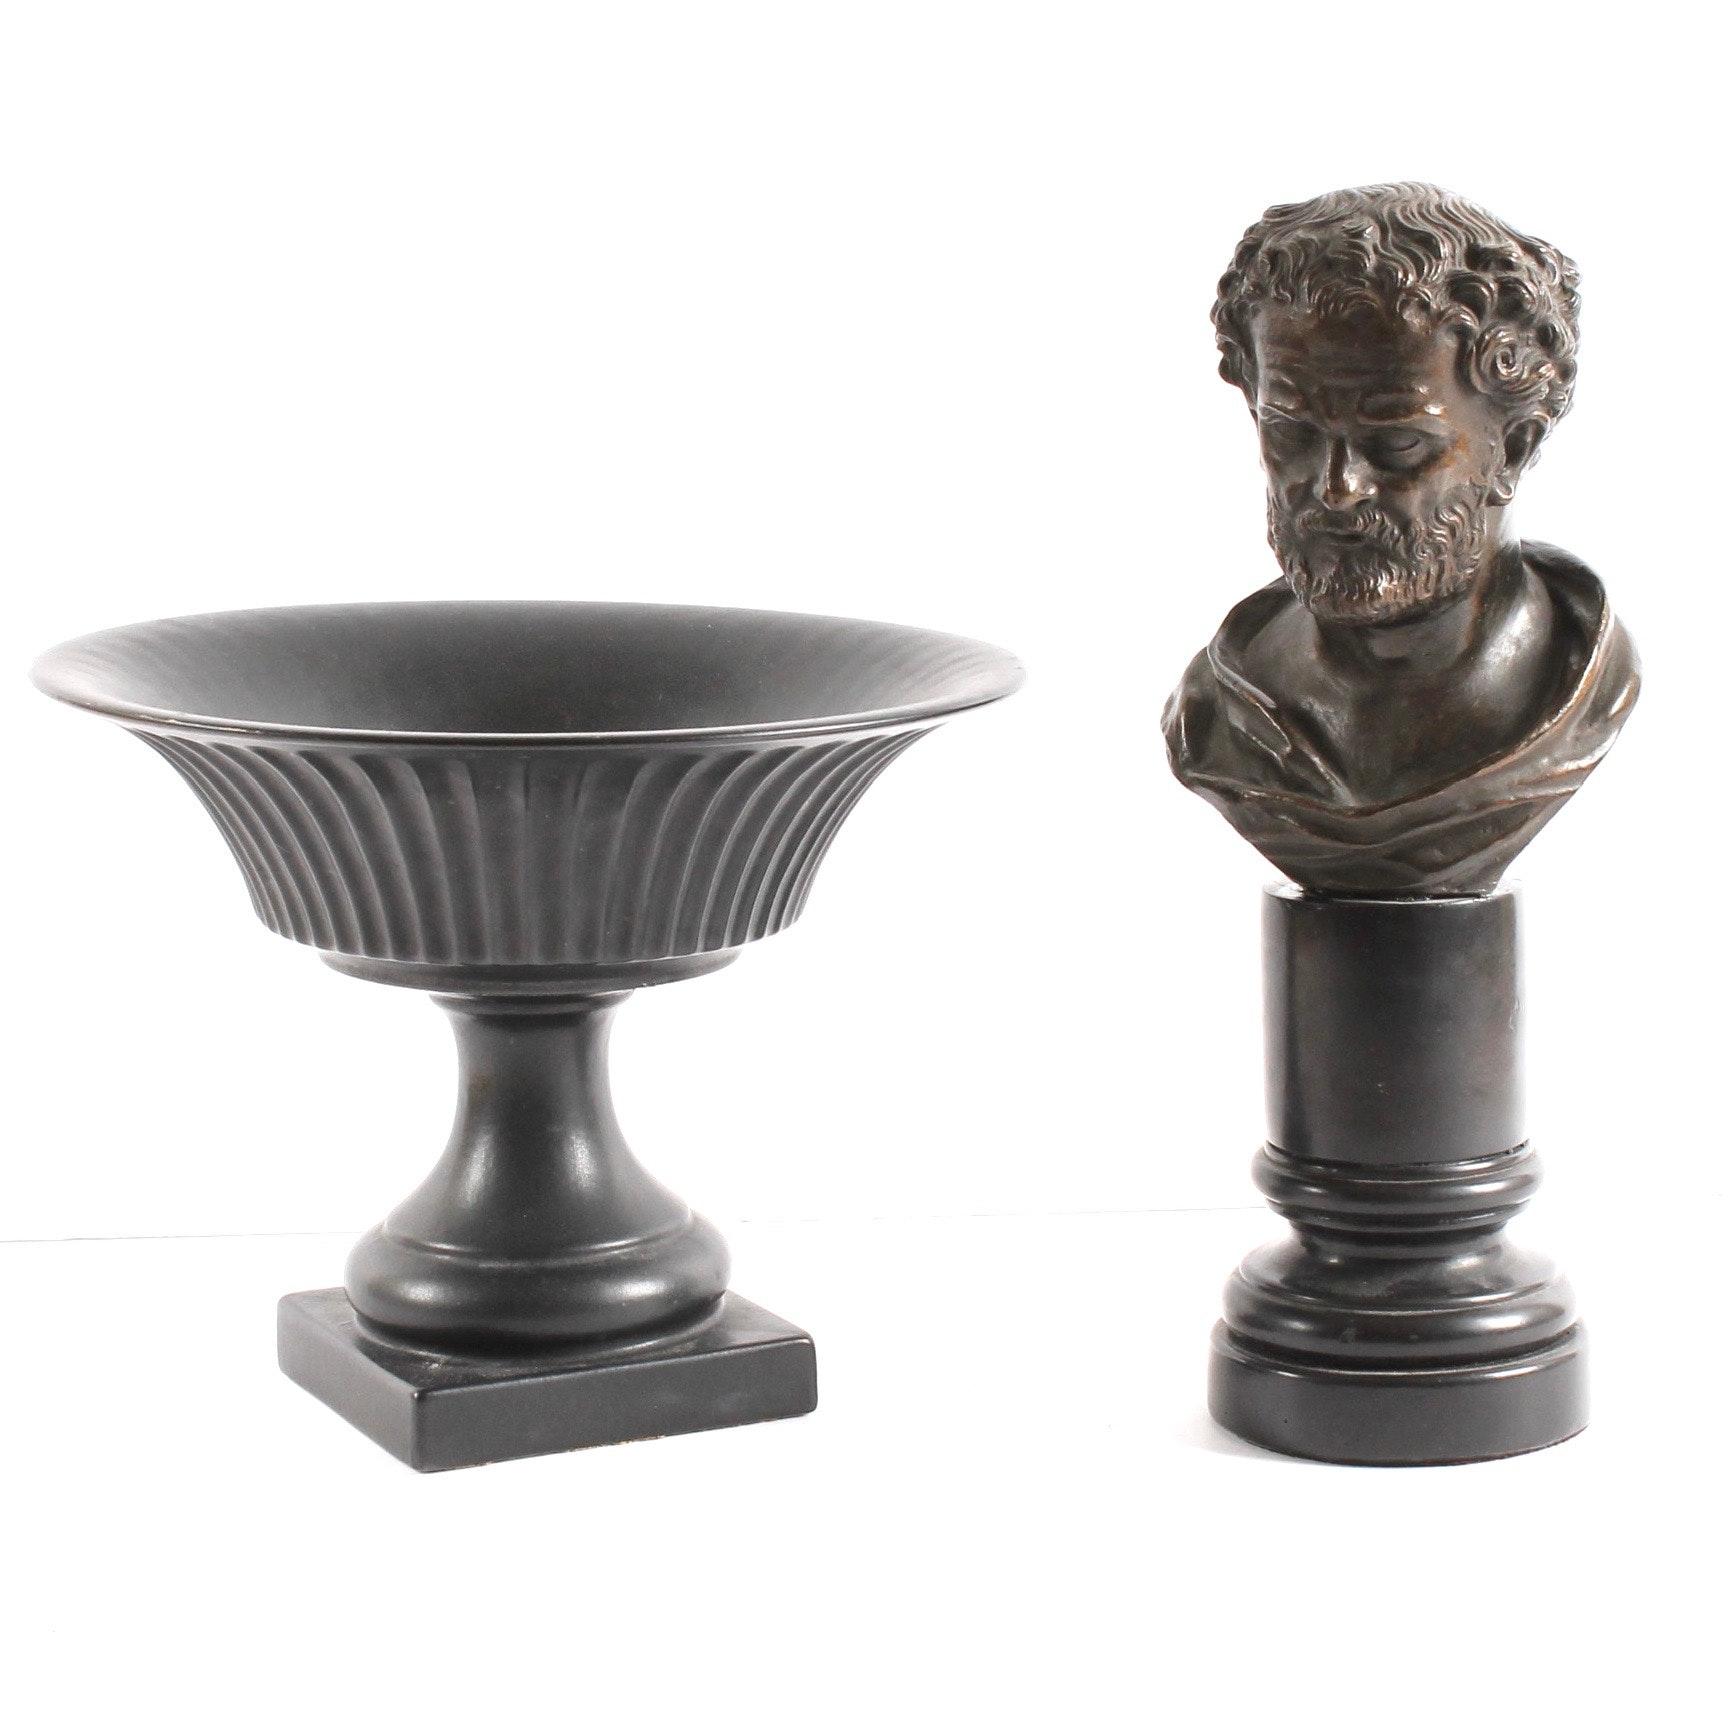 Vintage Plaster Bust and Ceramic Urn